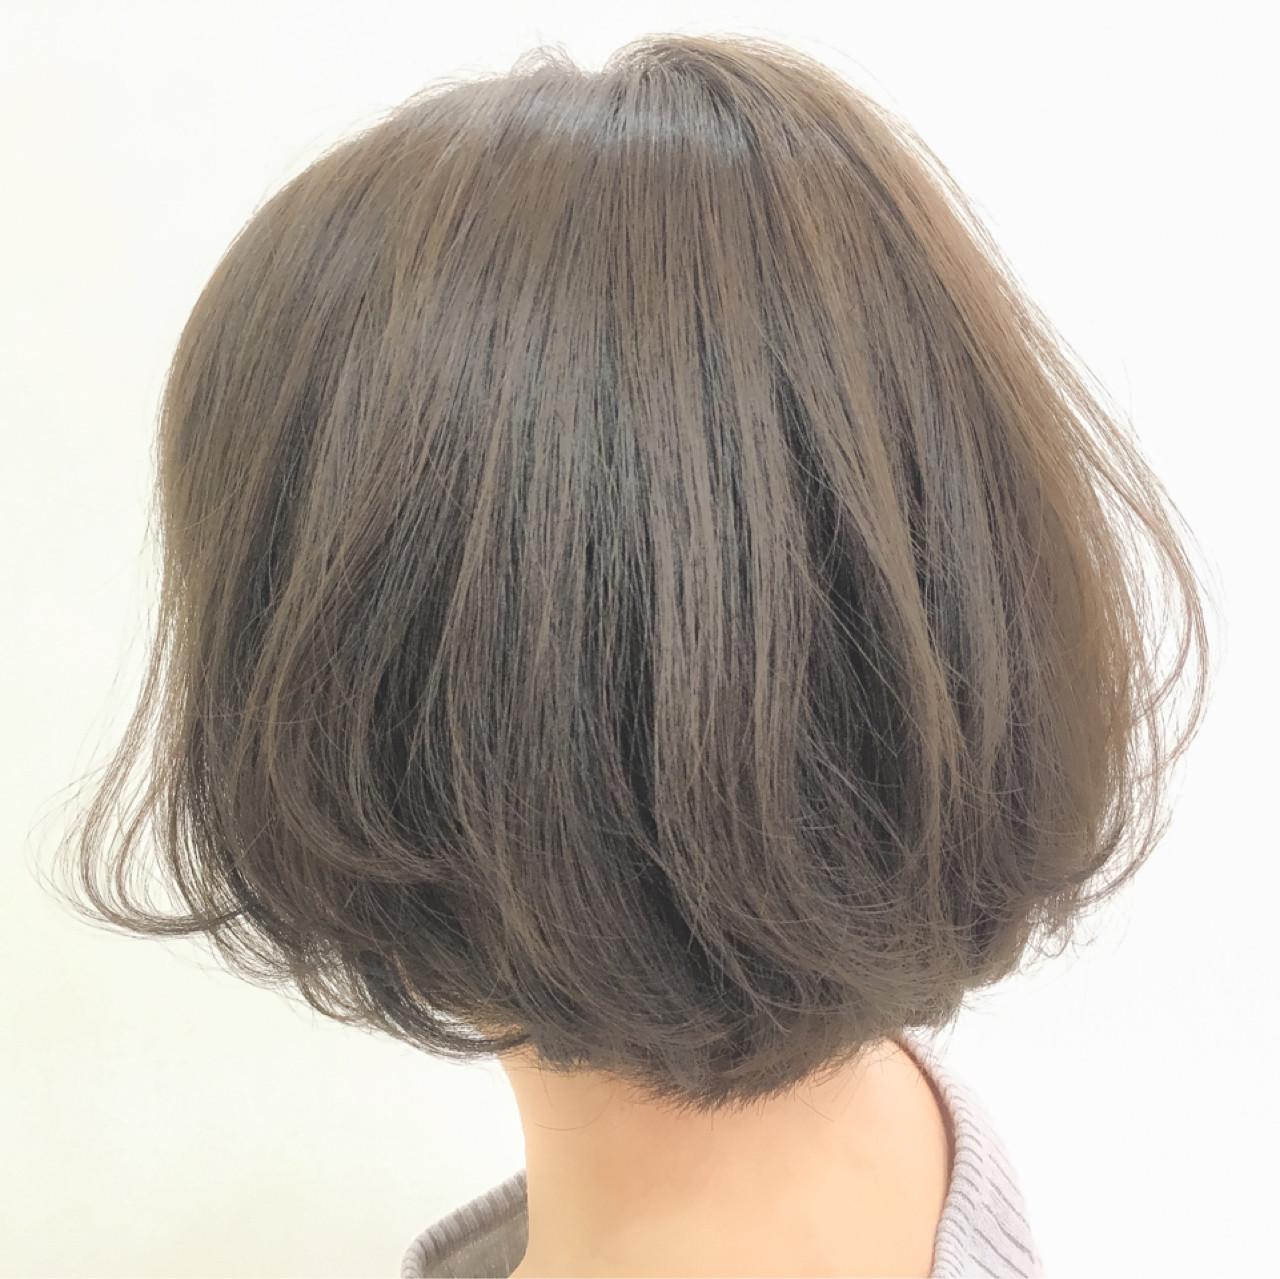 グレージュ ボブ アッシュベージュ ナチュラルヘアスタイルや髪型の写真・画像